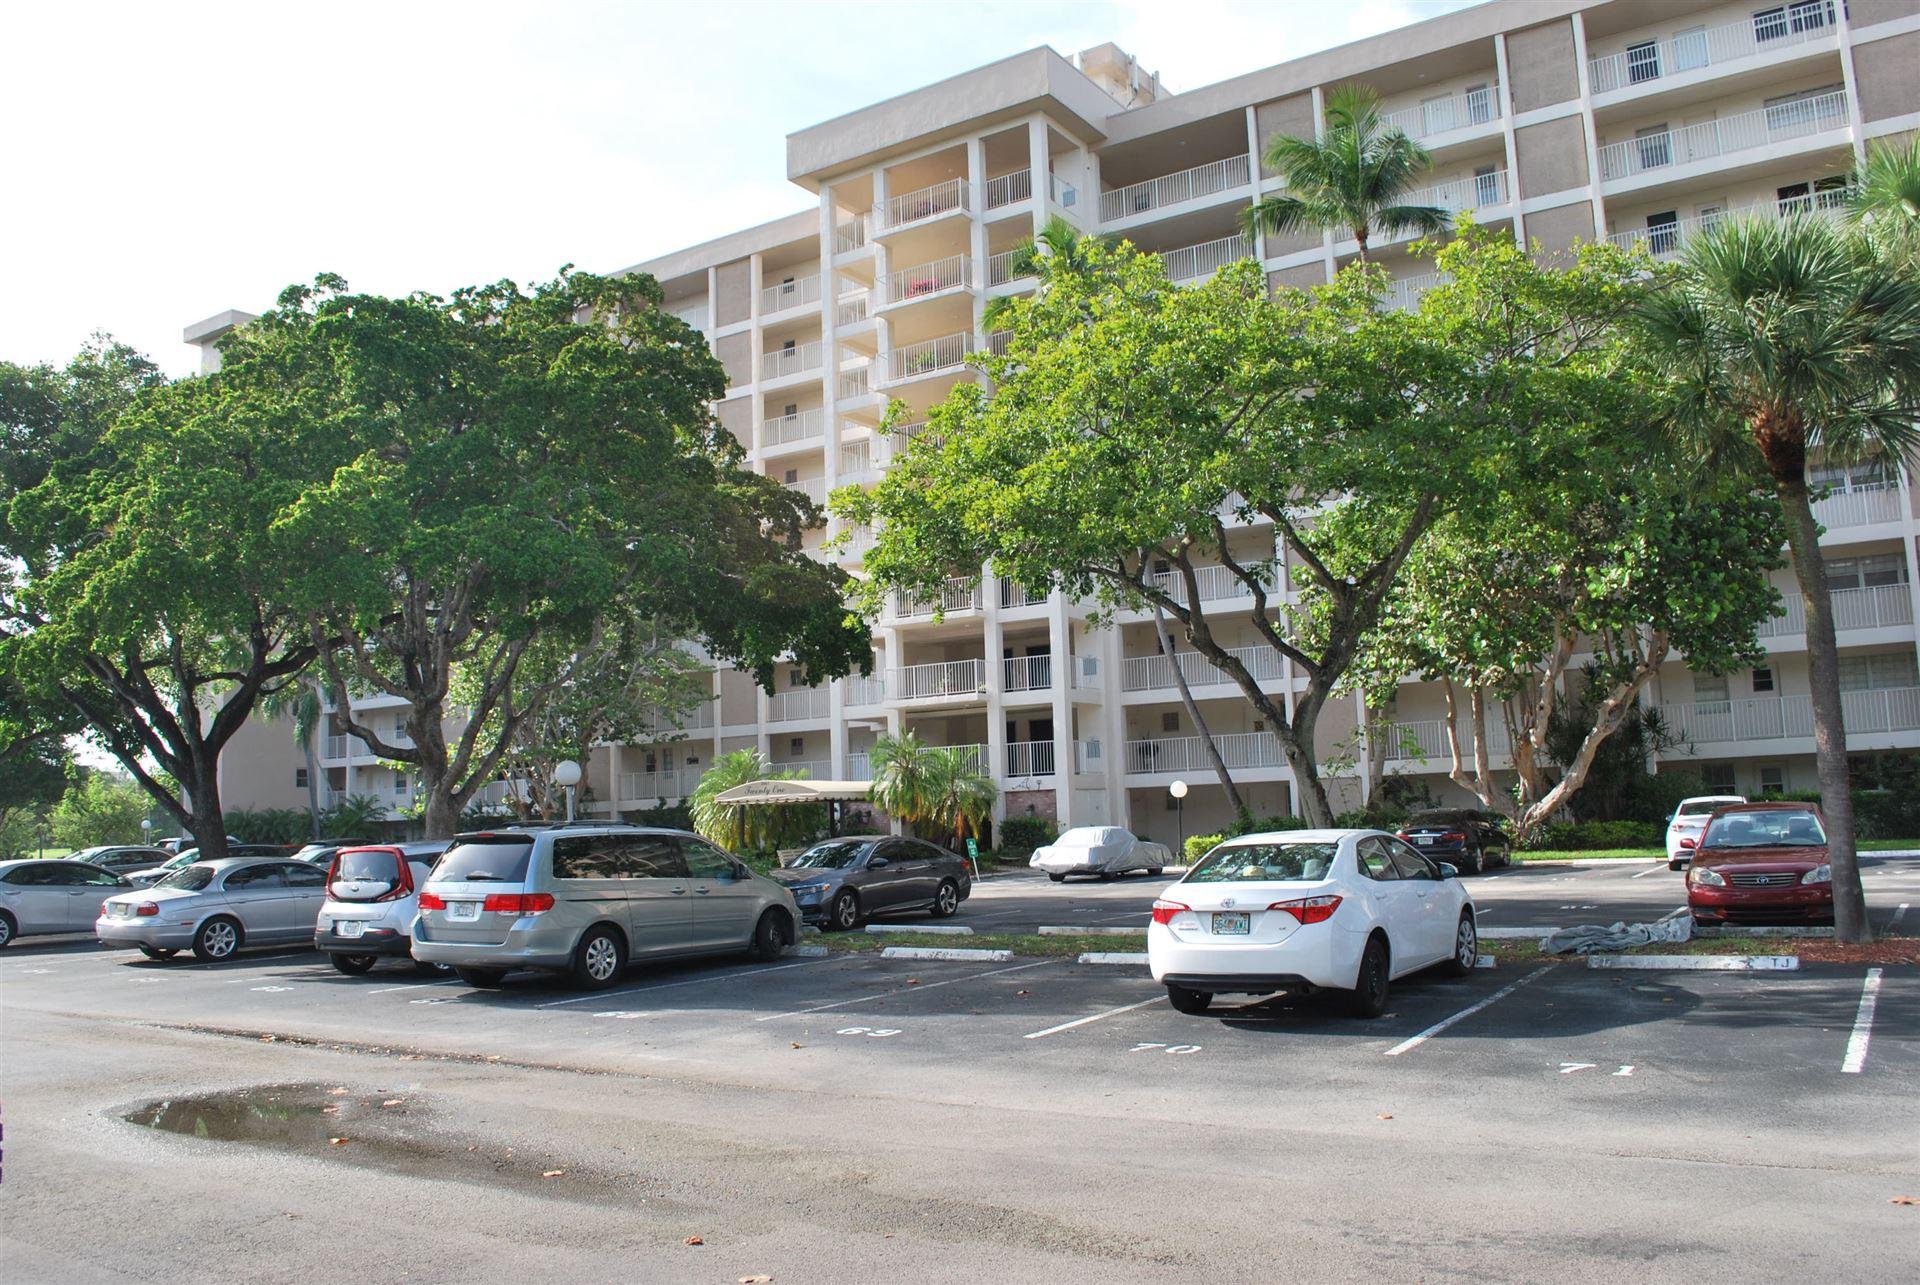 2661 S S.Course Drive #505, Pompano Beach, FL 33069 - #: RX-10660957